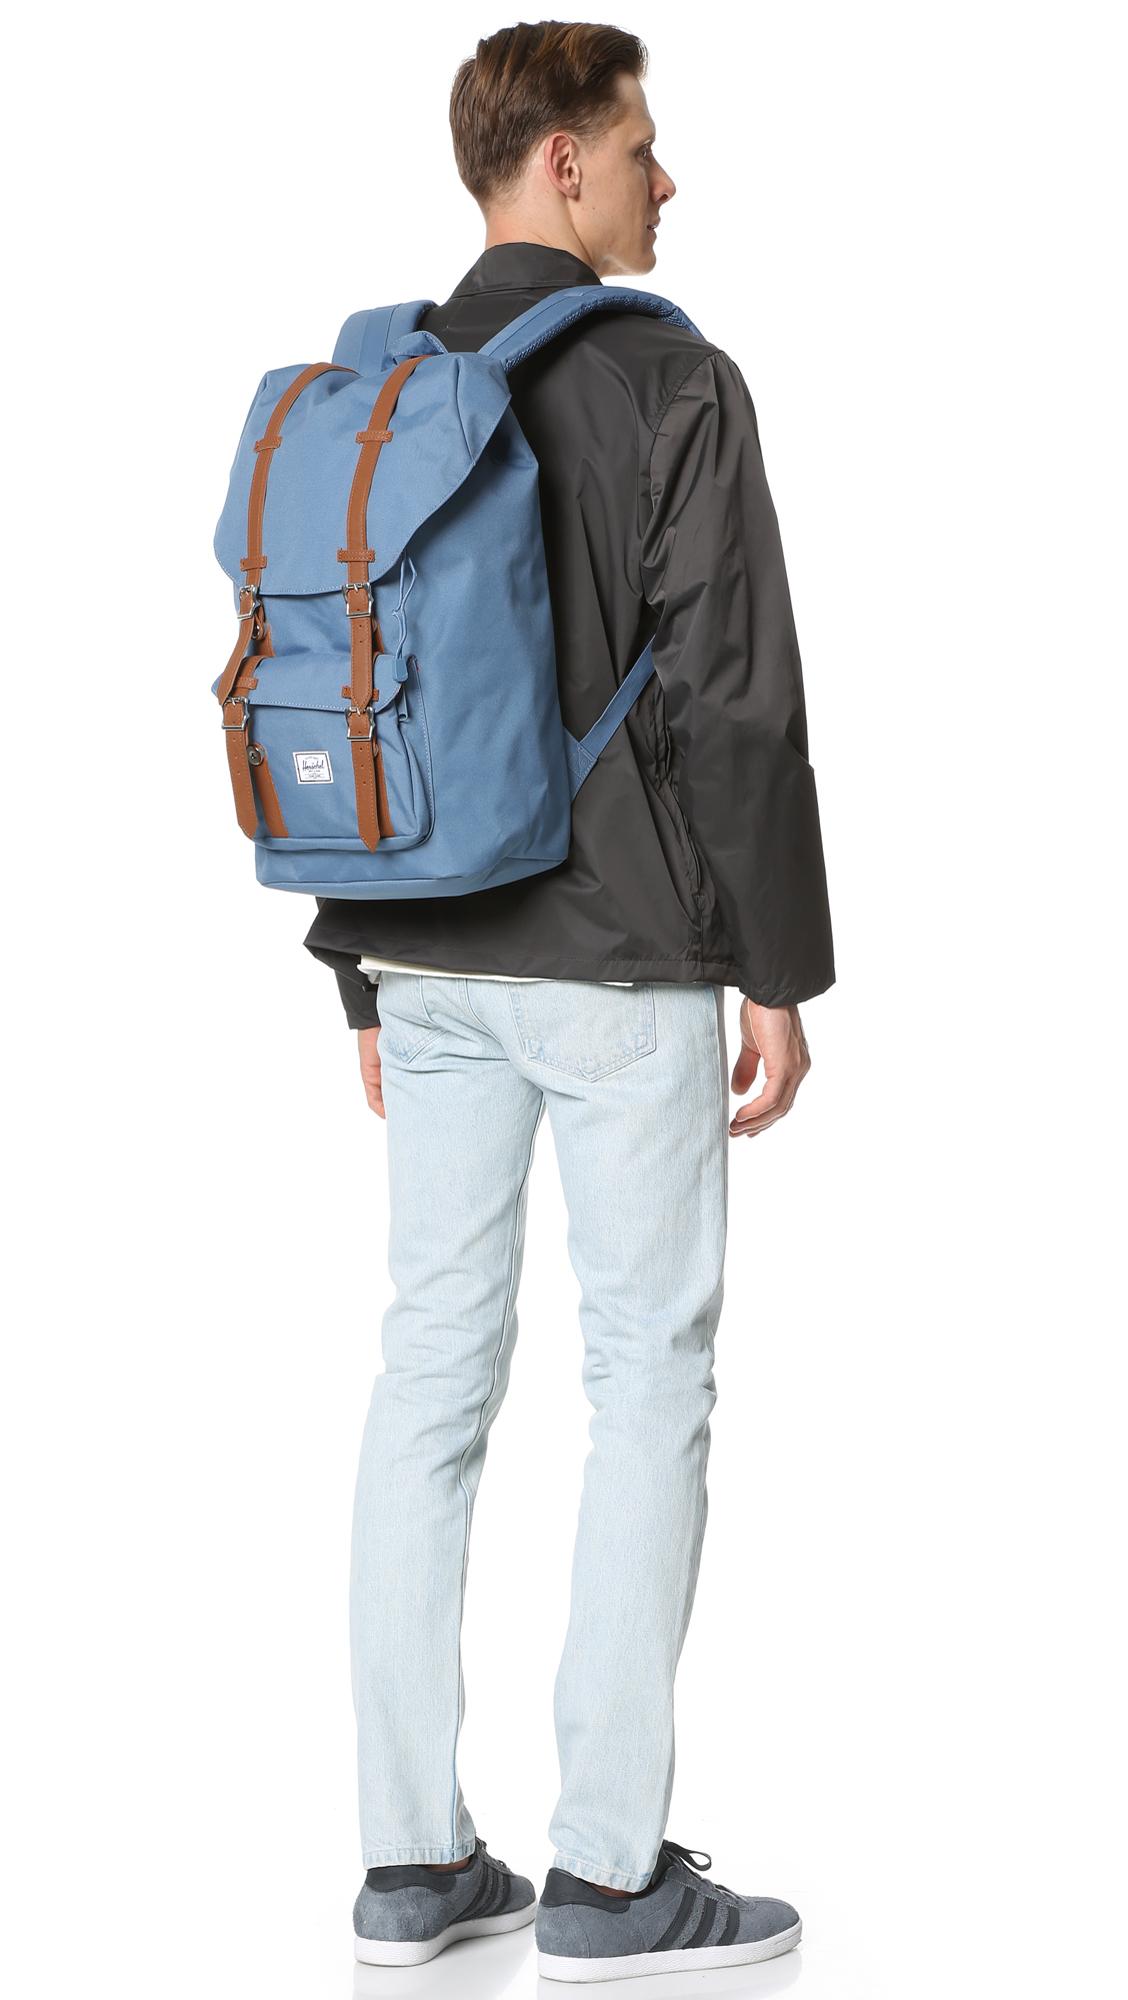 8af03b9b3b4f Lyst - Herschel Supply Co. Little America Backpack in Blue for Men